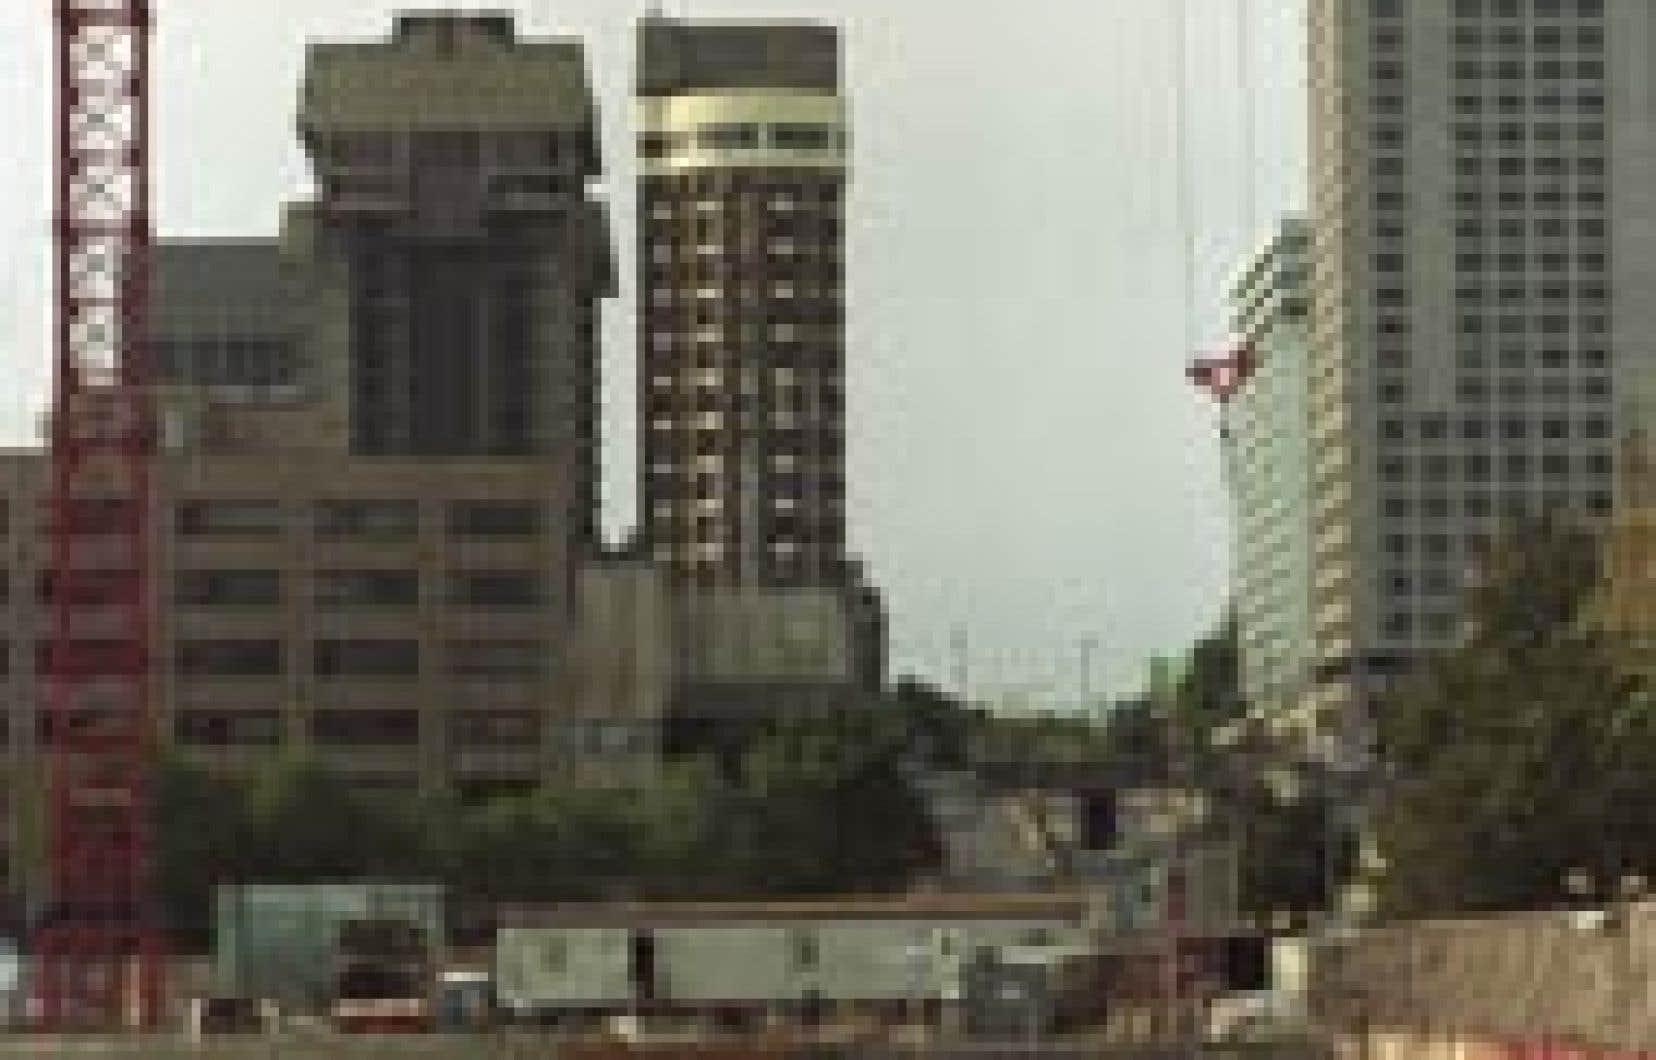 Le chantier de la Grande Bibliothèque du Québec, à Montréal. C'est le secteur institutionnel et commercial qui compte pour la plus grande part de l'industrie, soit 50 % des heures de travail et des investissements de quatre milliards dans les hô